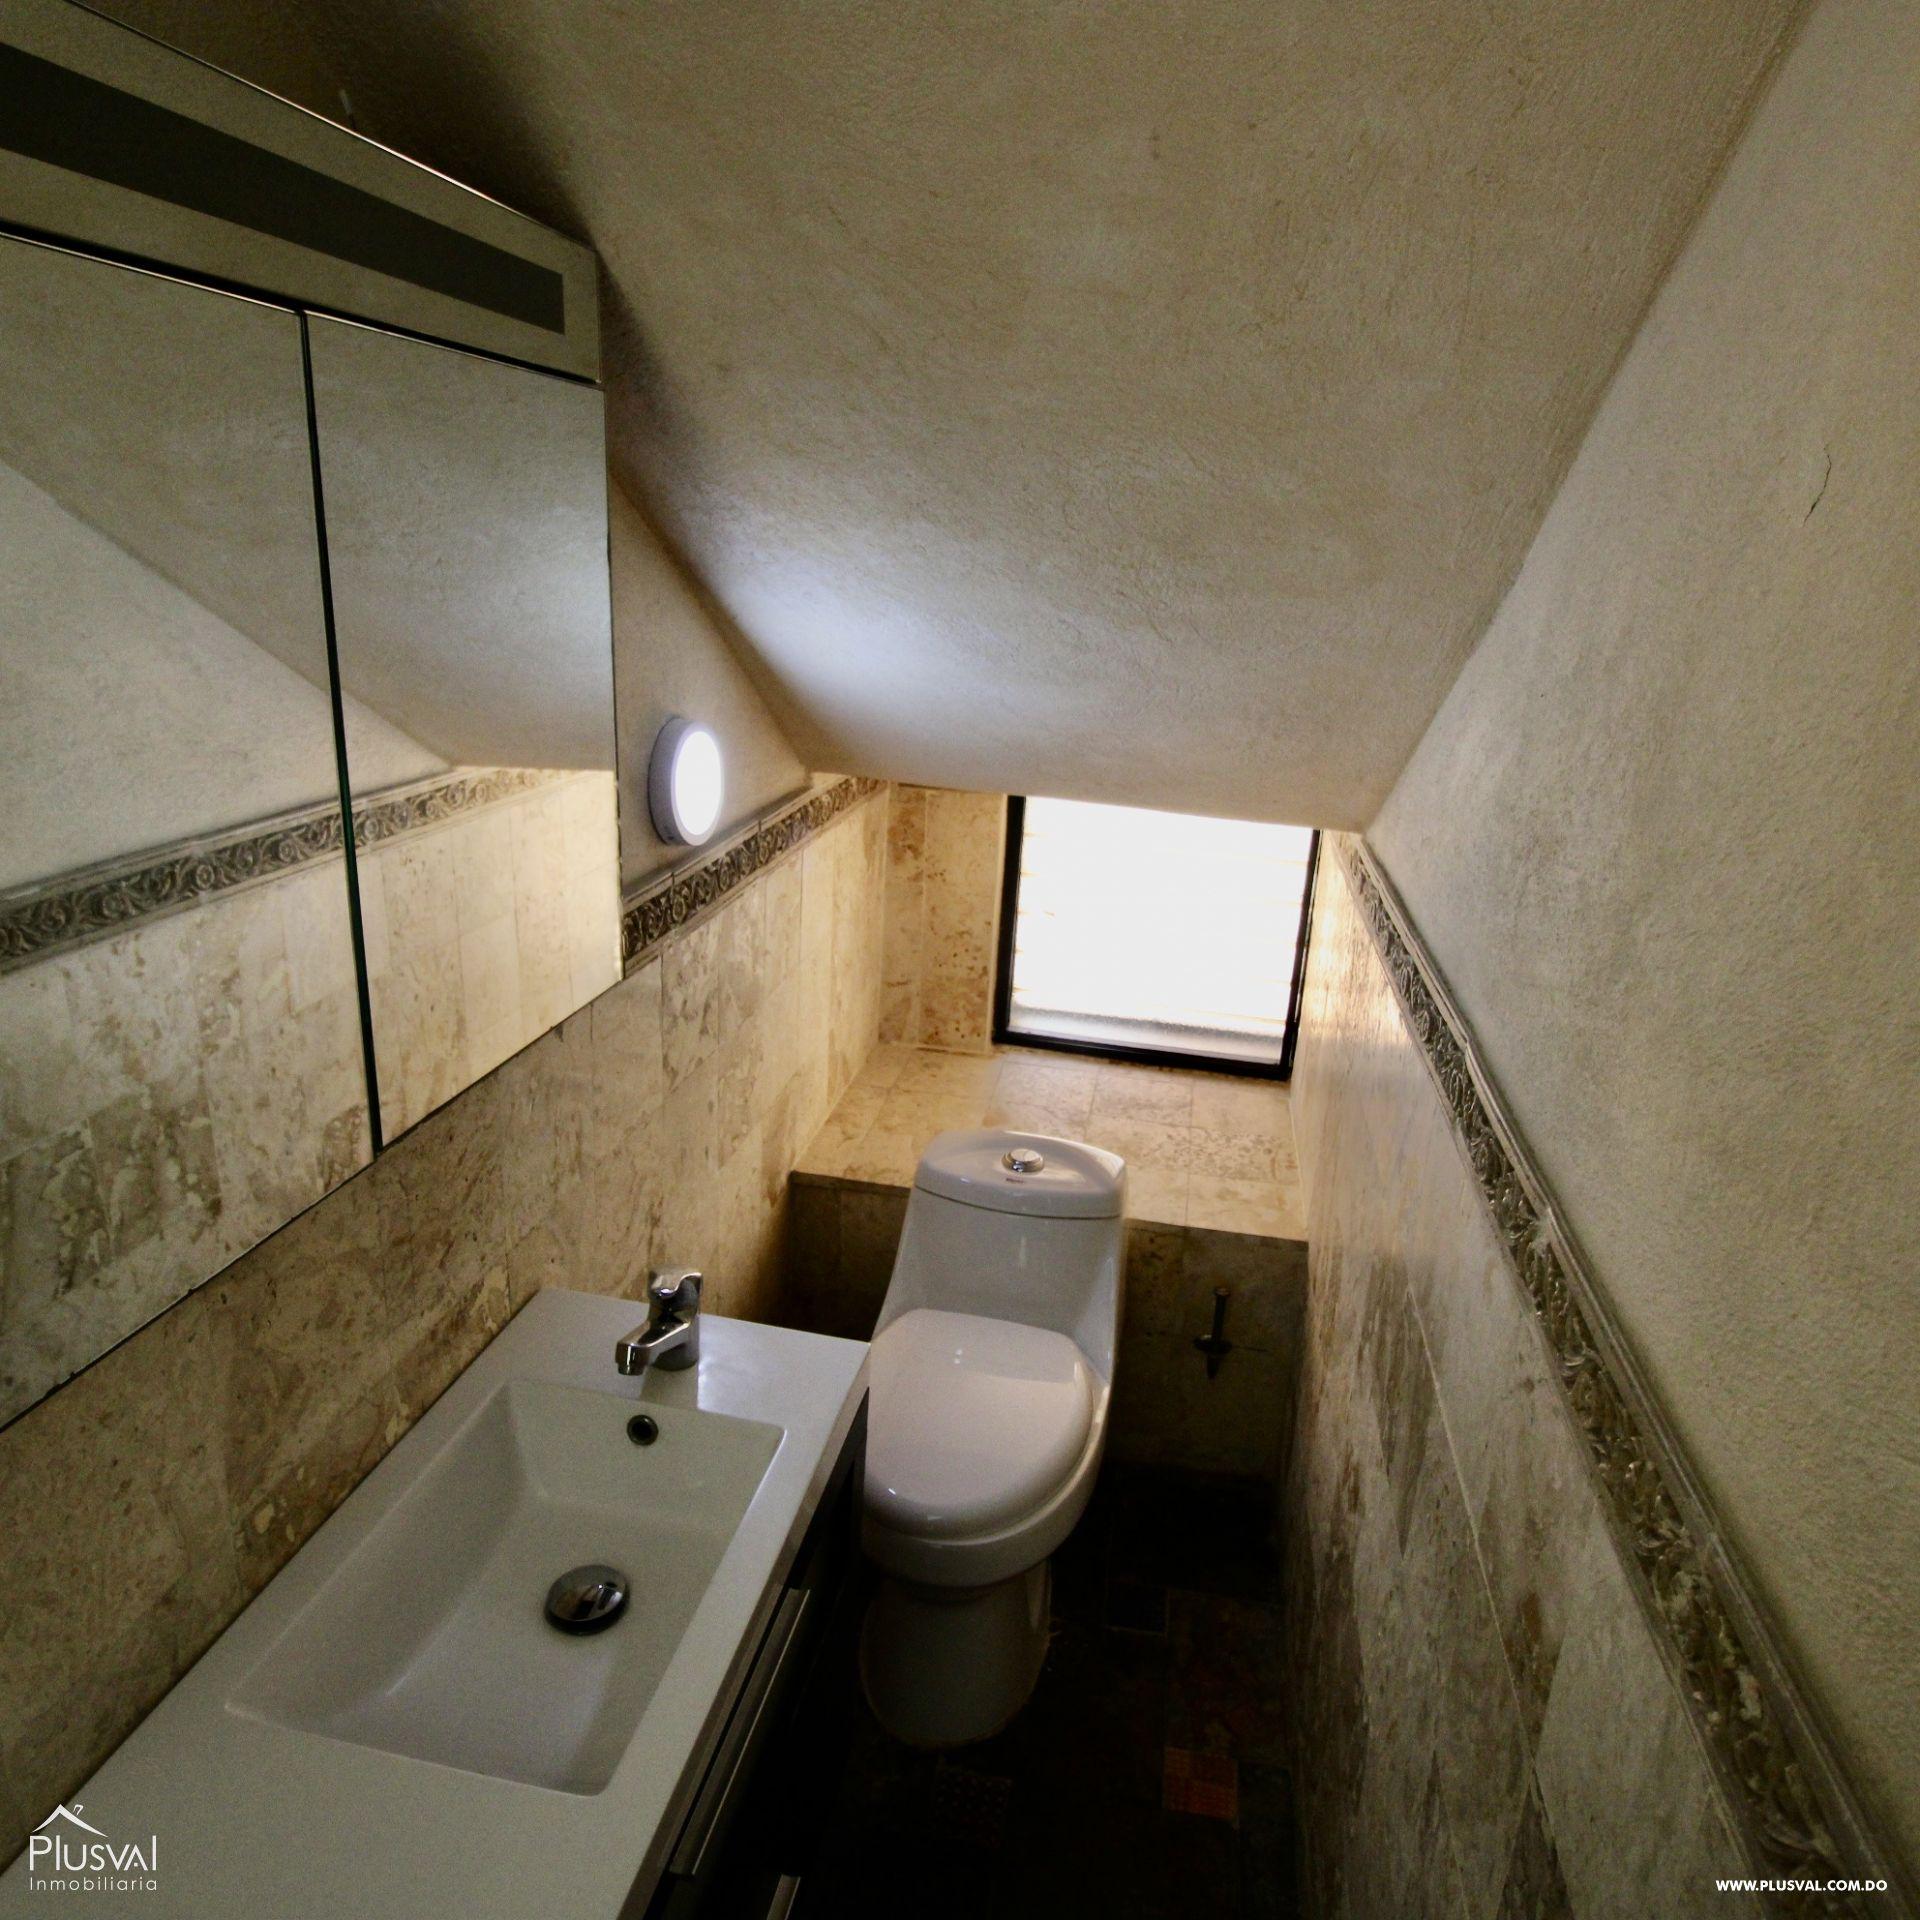 Casa en alquiler, Julieta 148042